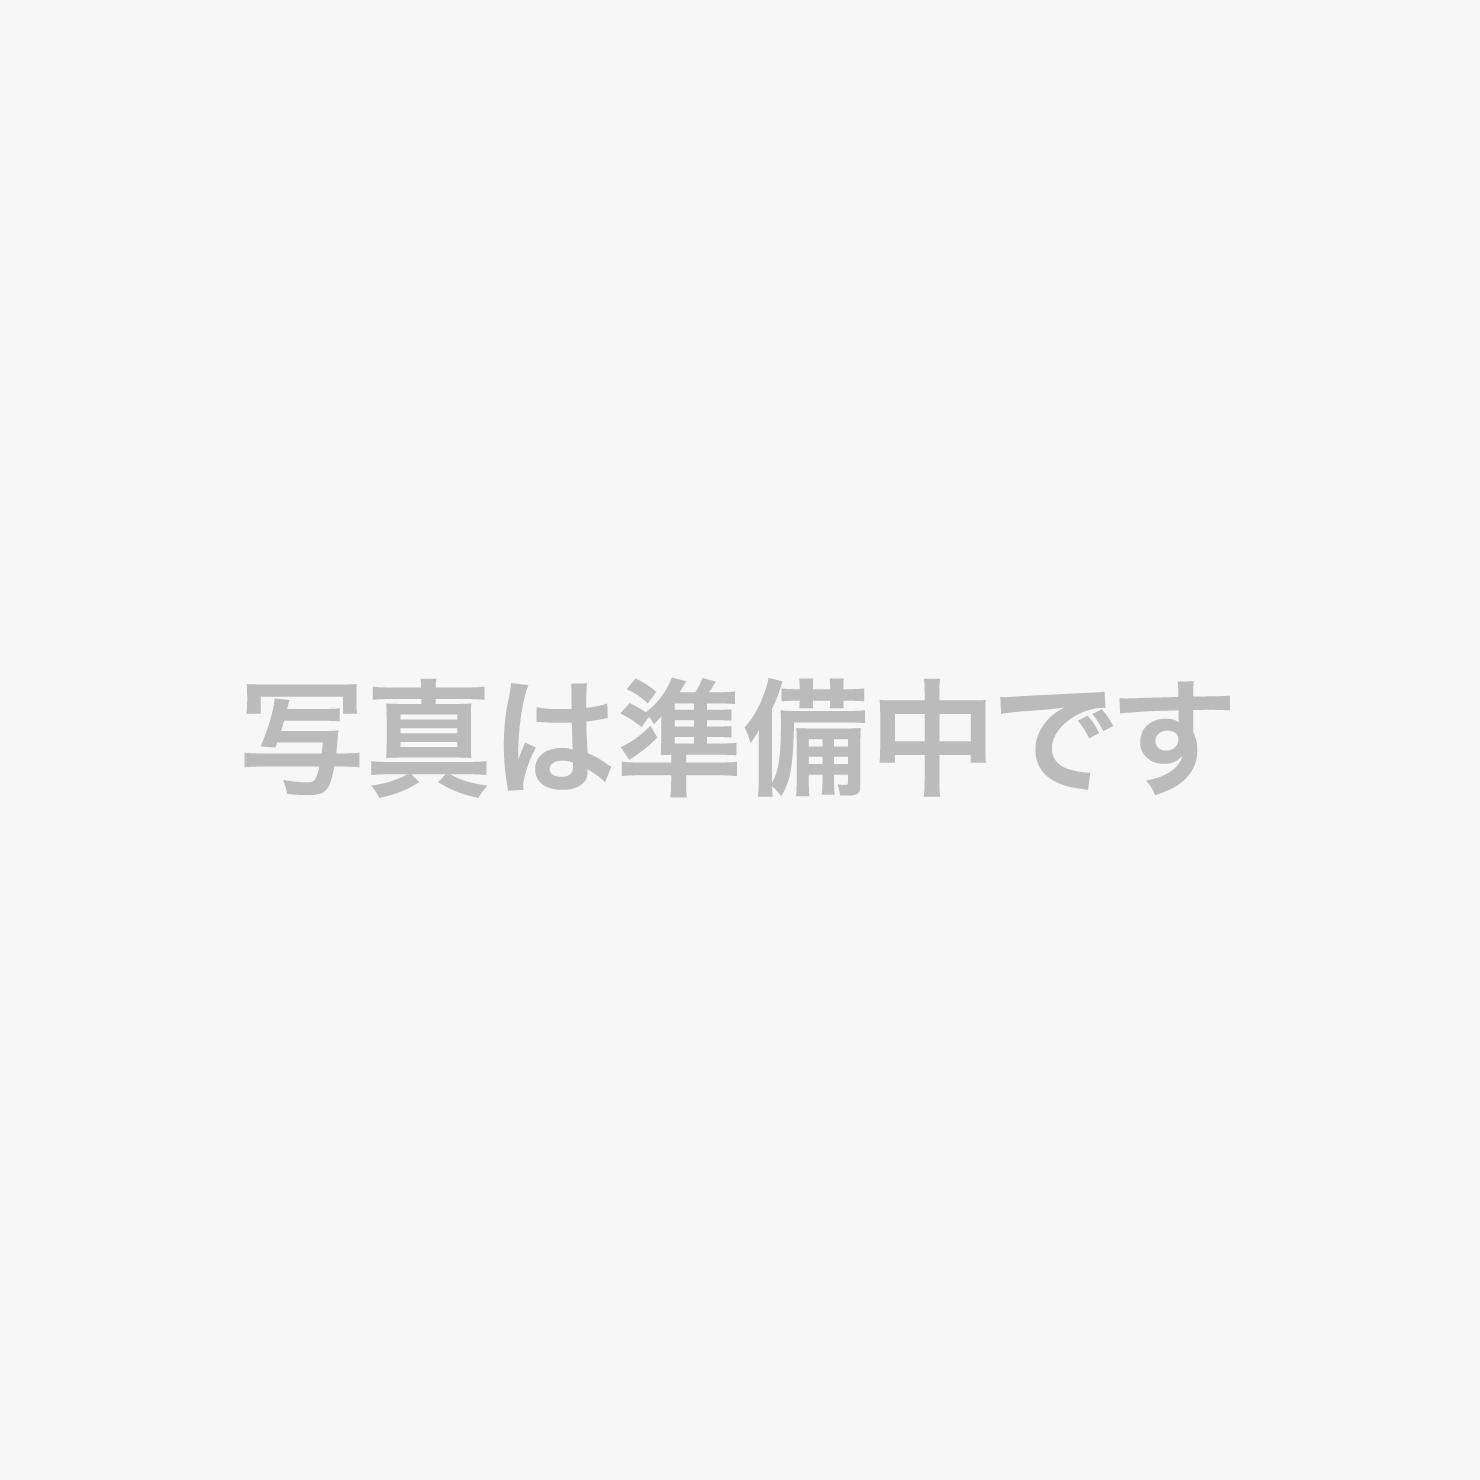 【最上階◆特別室】ホームシアターでファミリーみんなでドラマを楽しむ♪